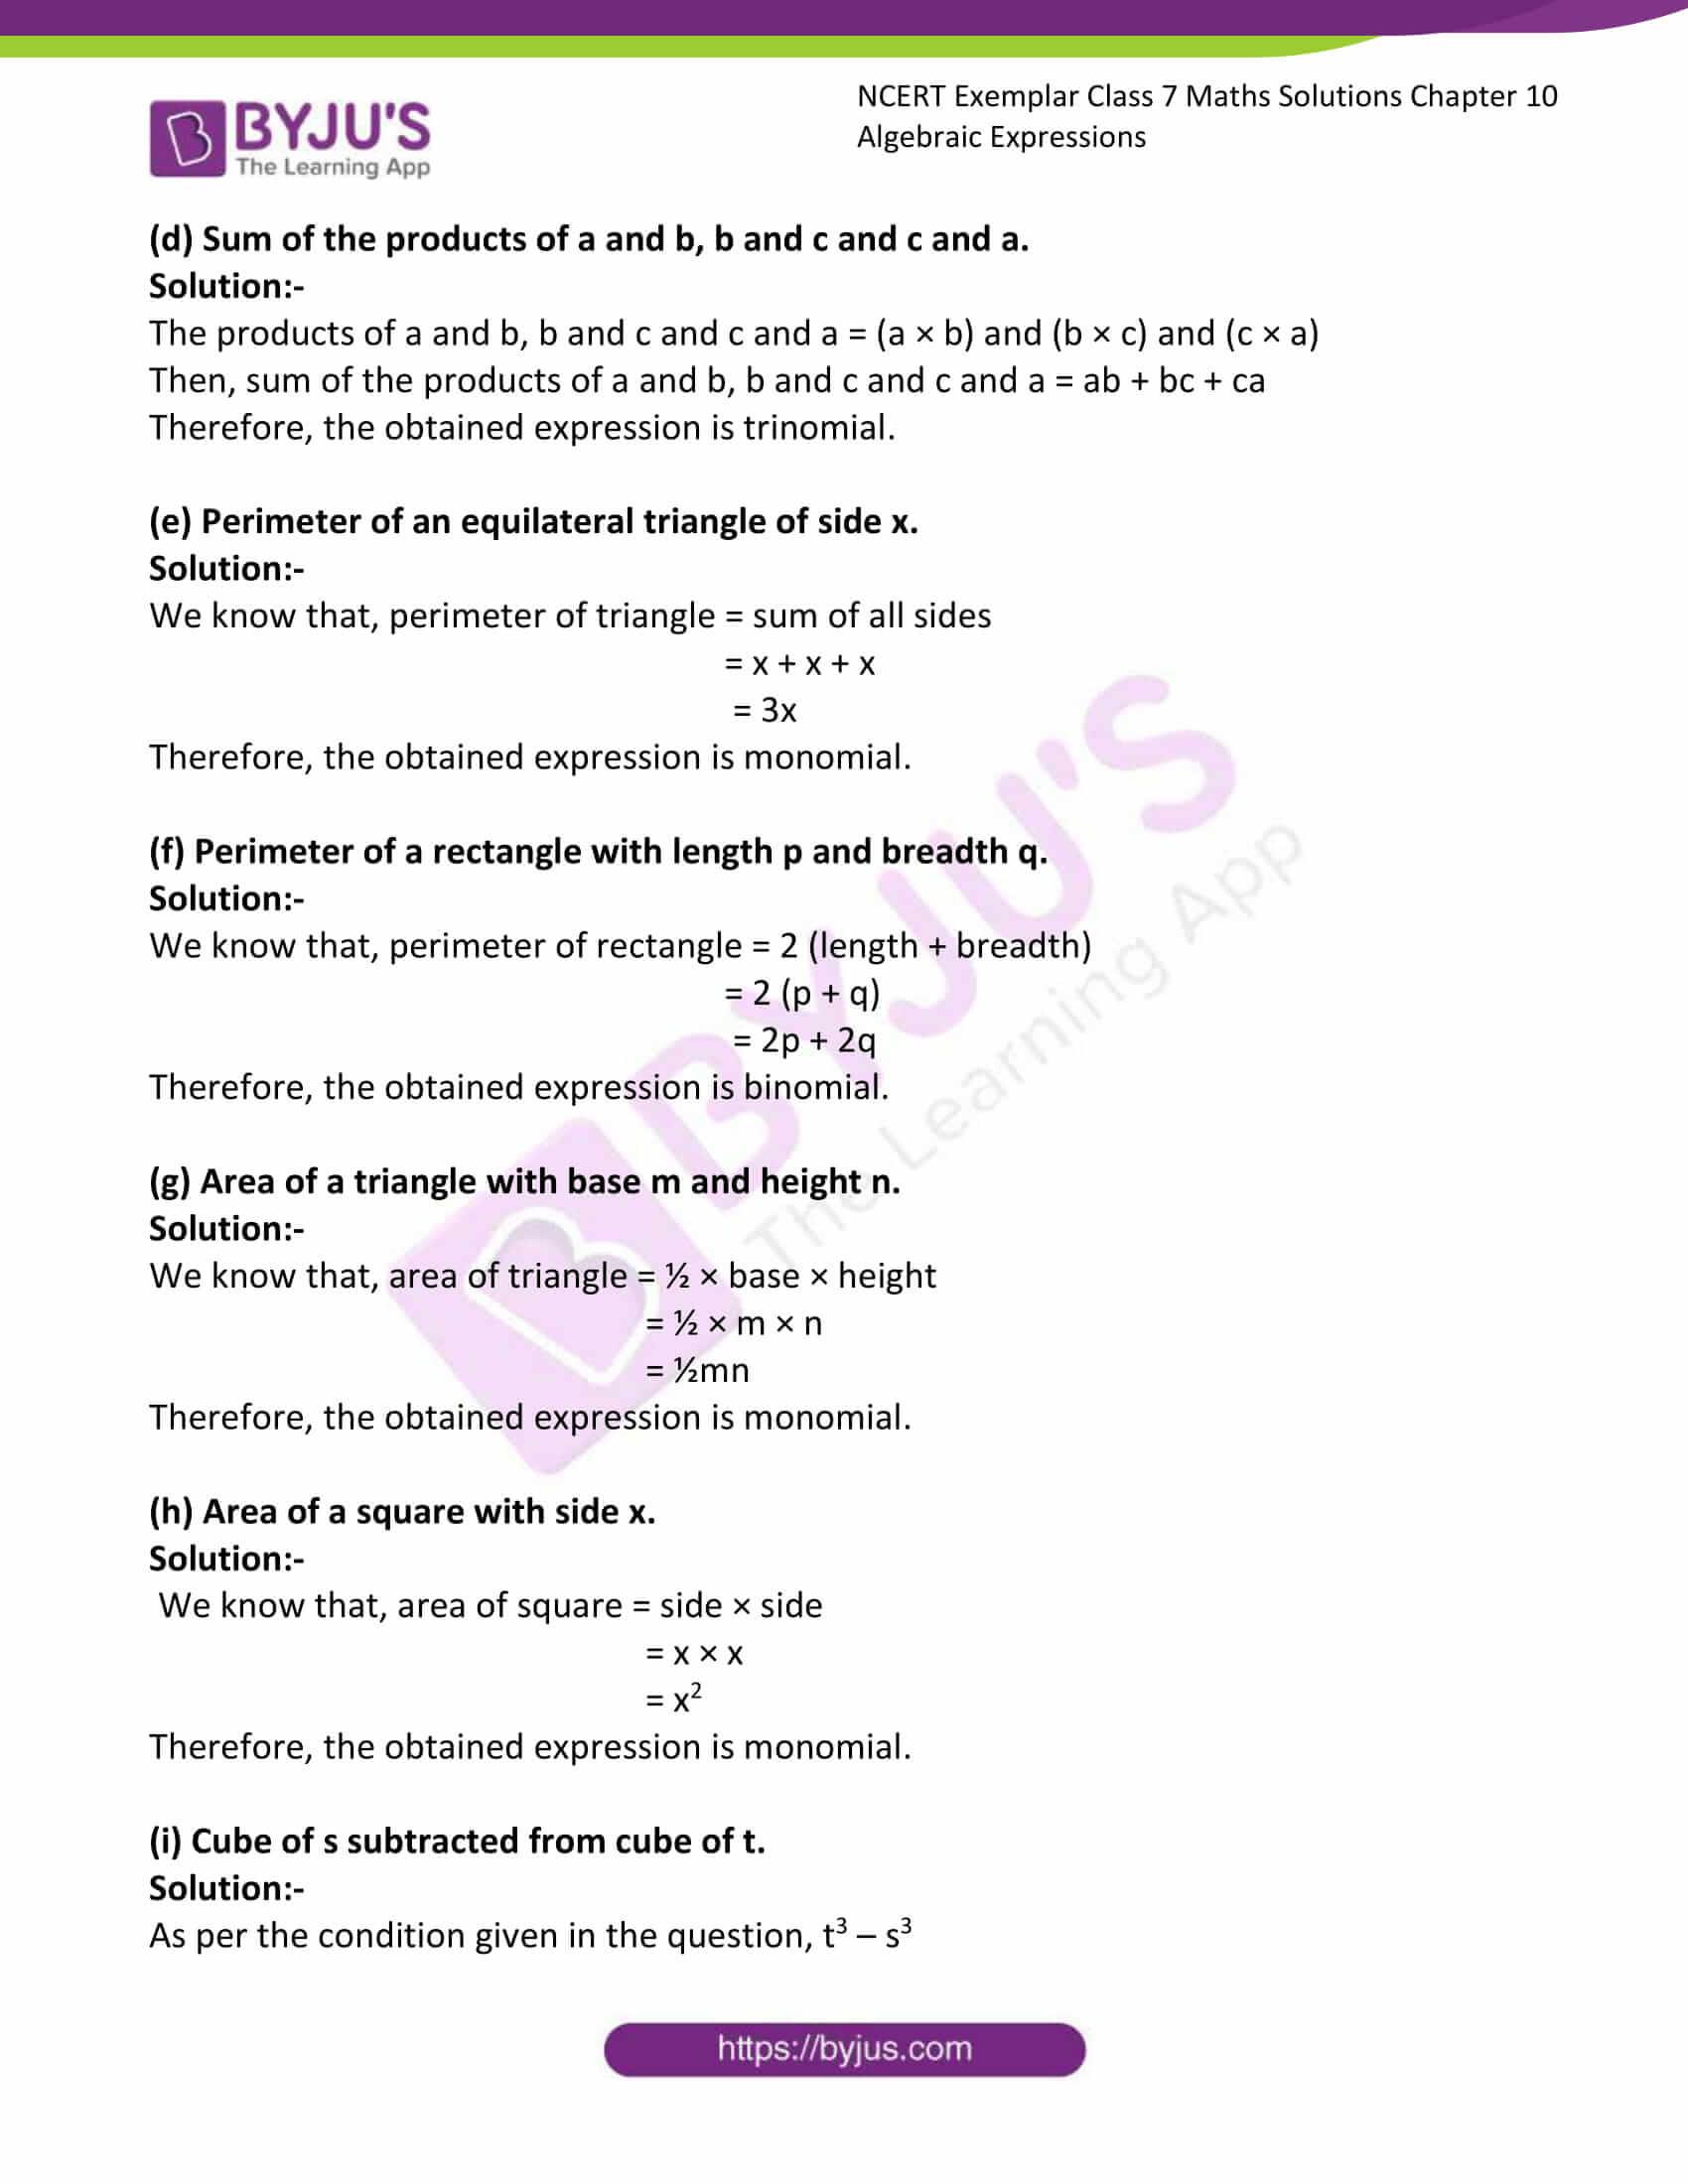 ncert exemplar class 7 maths solutions chapter 10 12